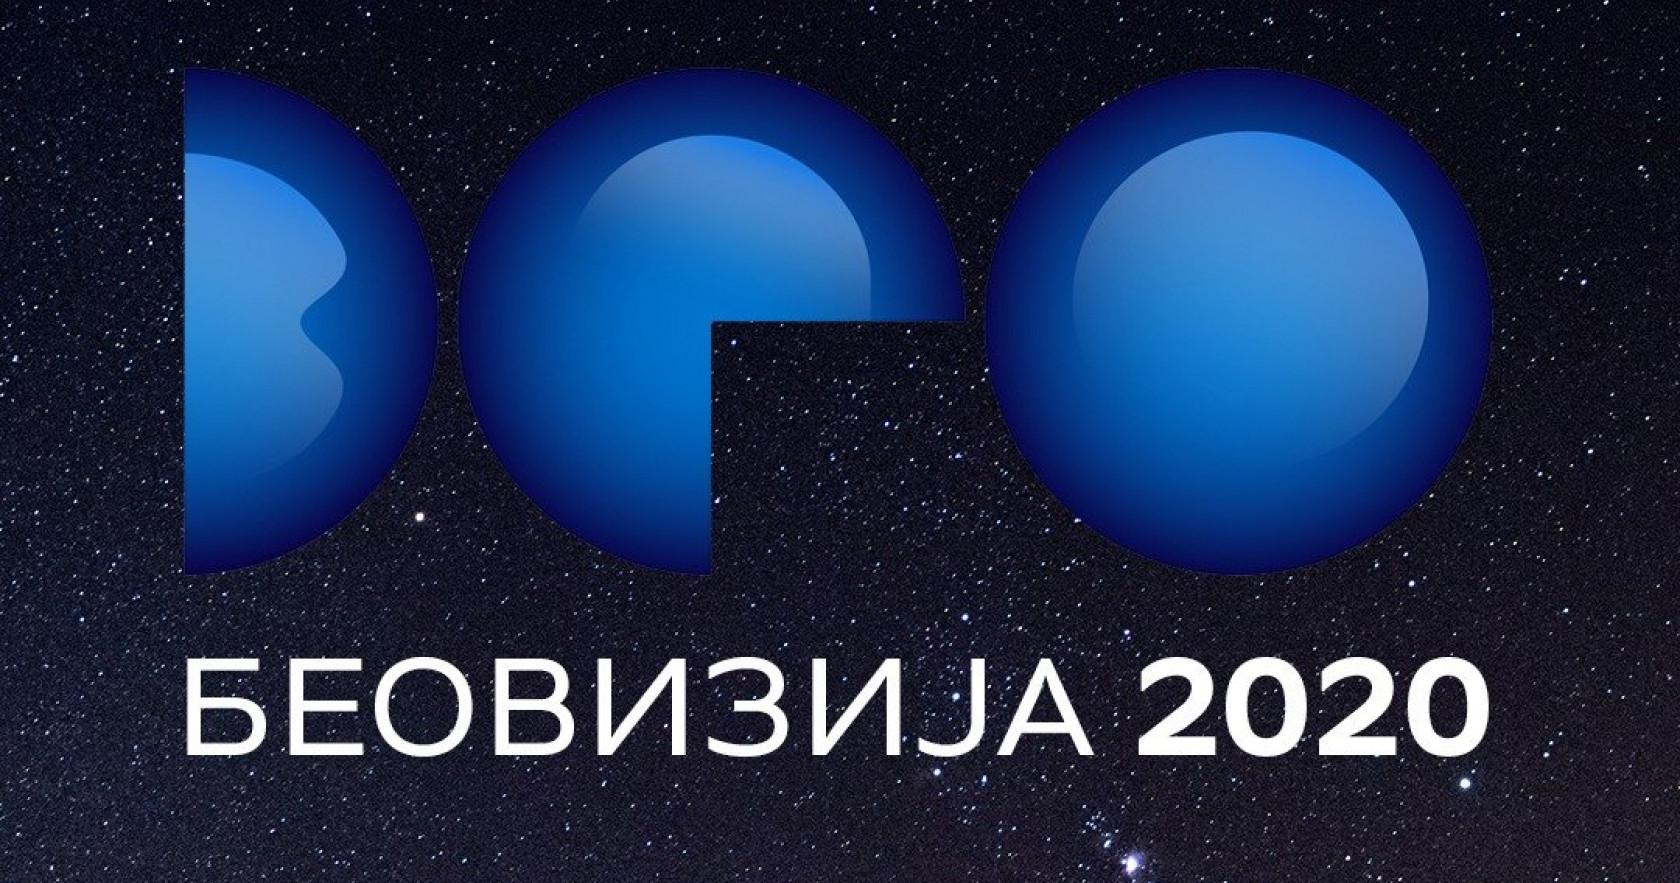 Beovizija 2020